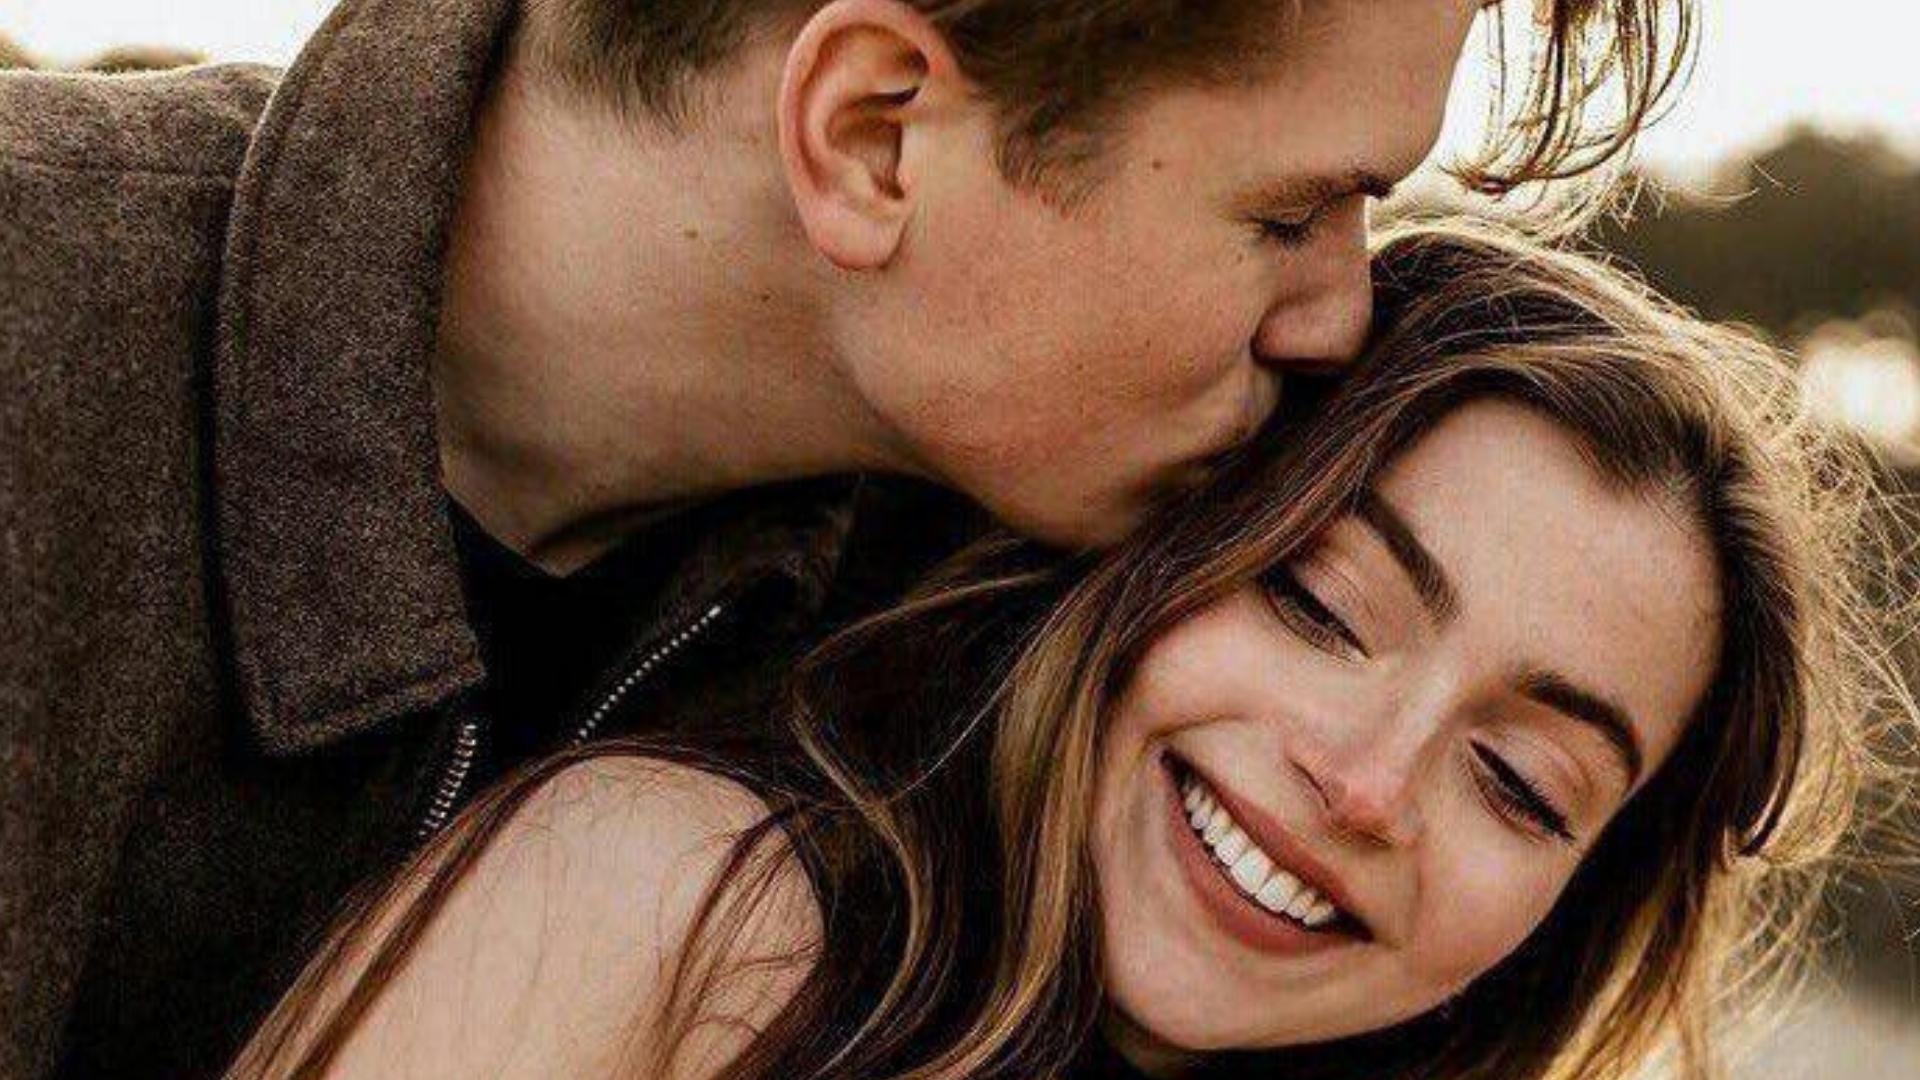 Mereces volver a enamorarte sin miedo… no todos son como tu ex